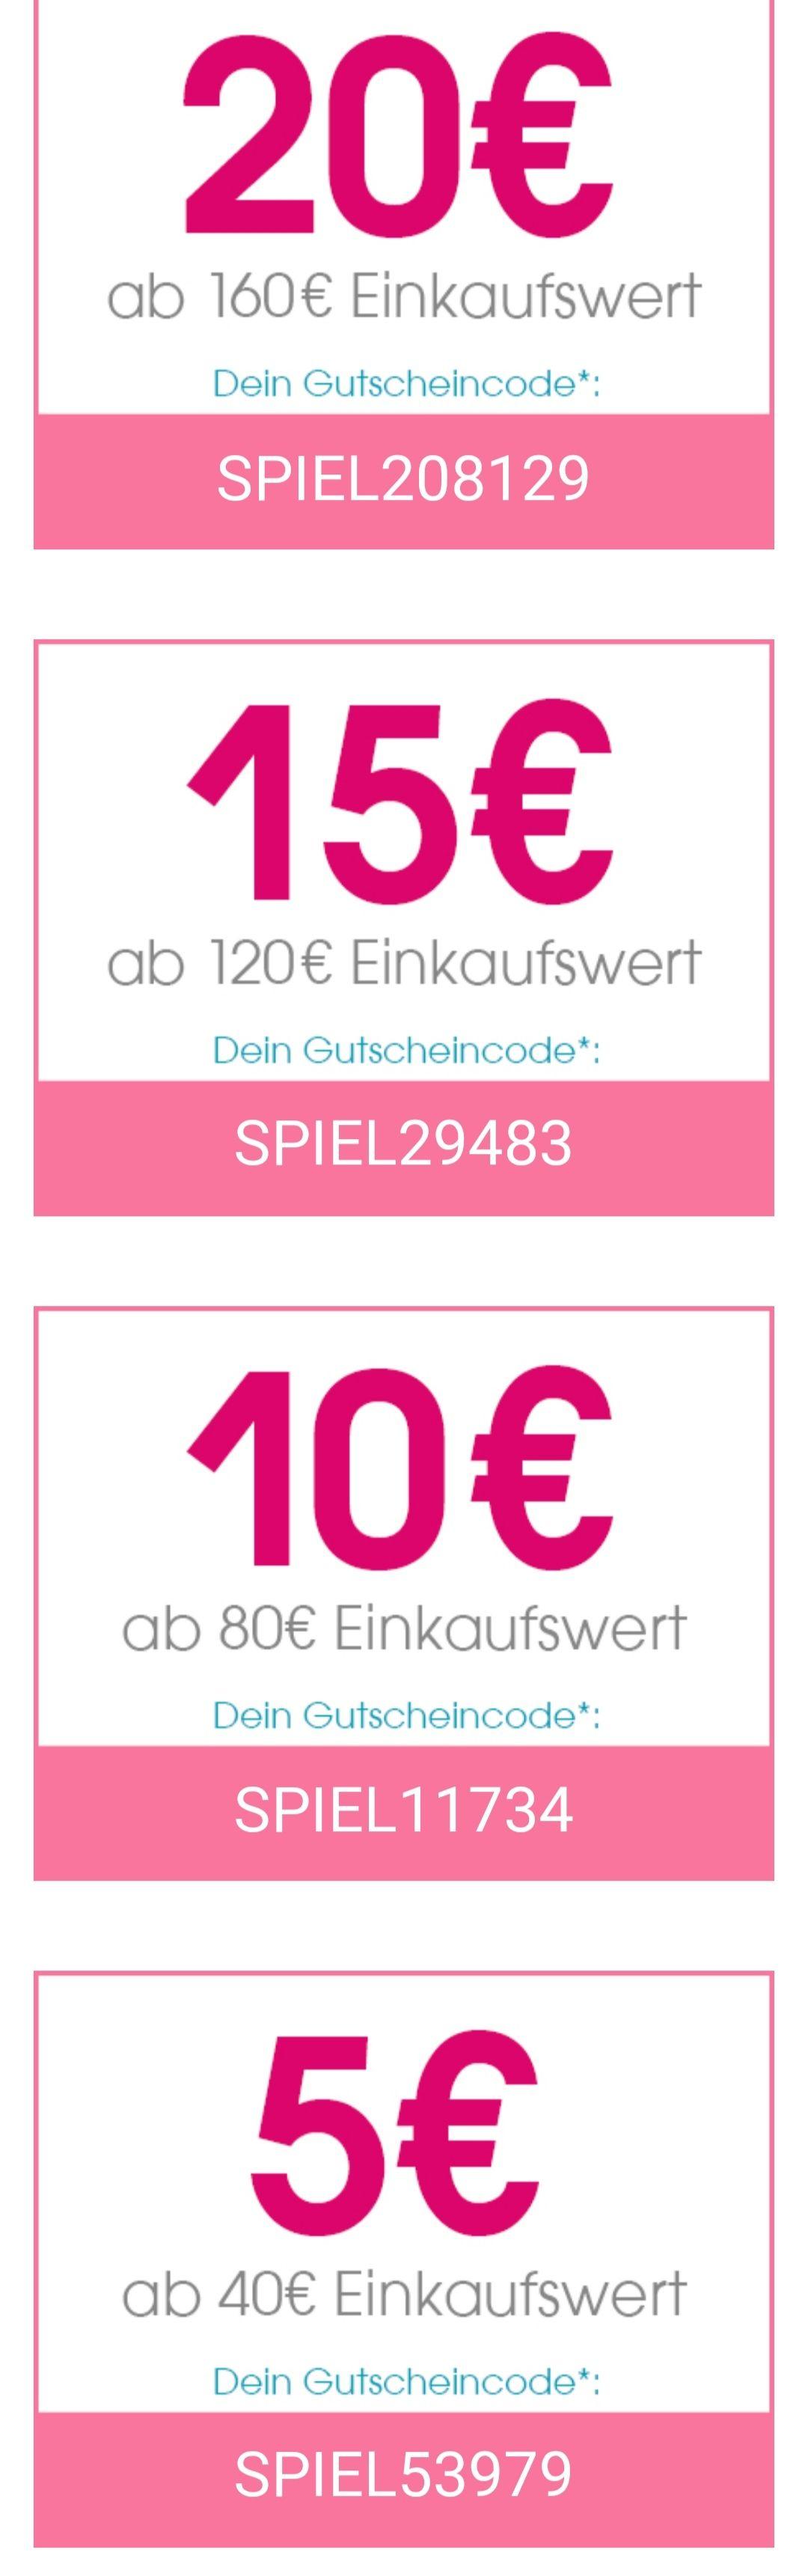 Sammeldeal Babymarkt Spielzeugaktion, Direktrabatt | 5€ ab 40€ | 10€ ab 80€ | 15€ ab 120€ | 20€ ab 160€ | Beispiele unten